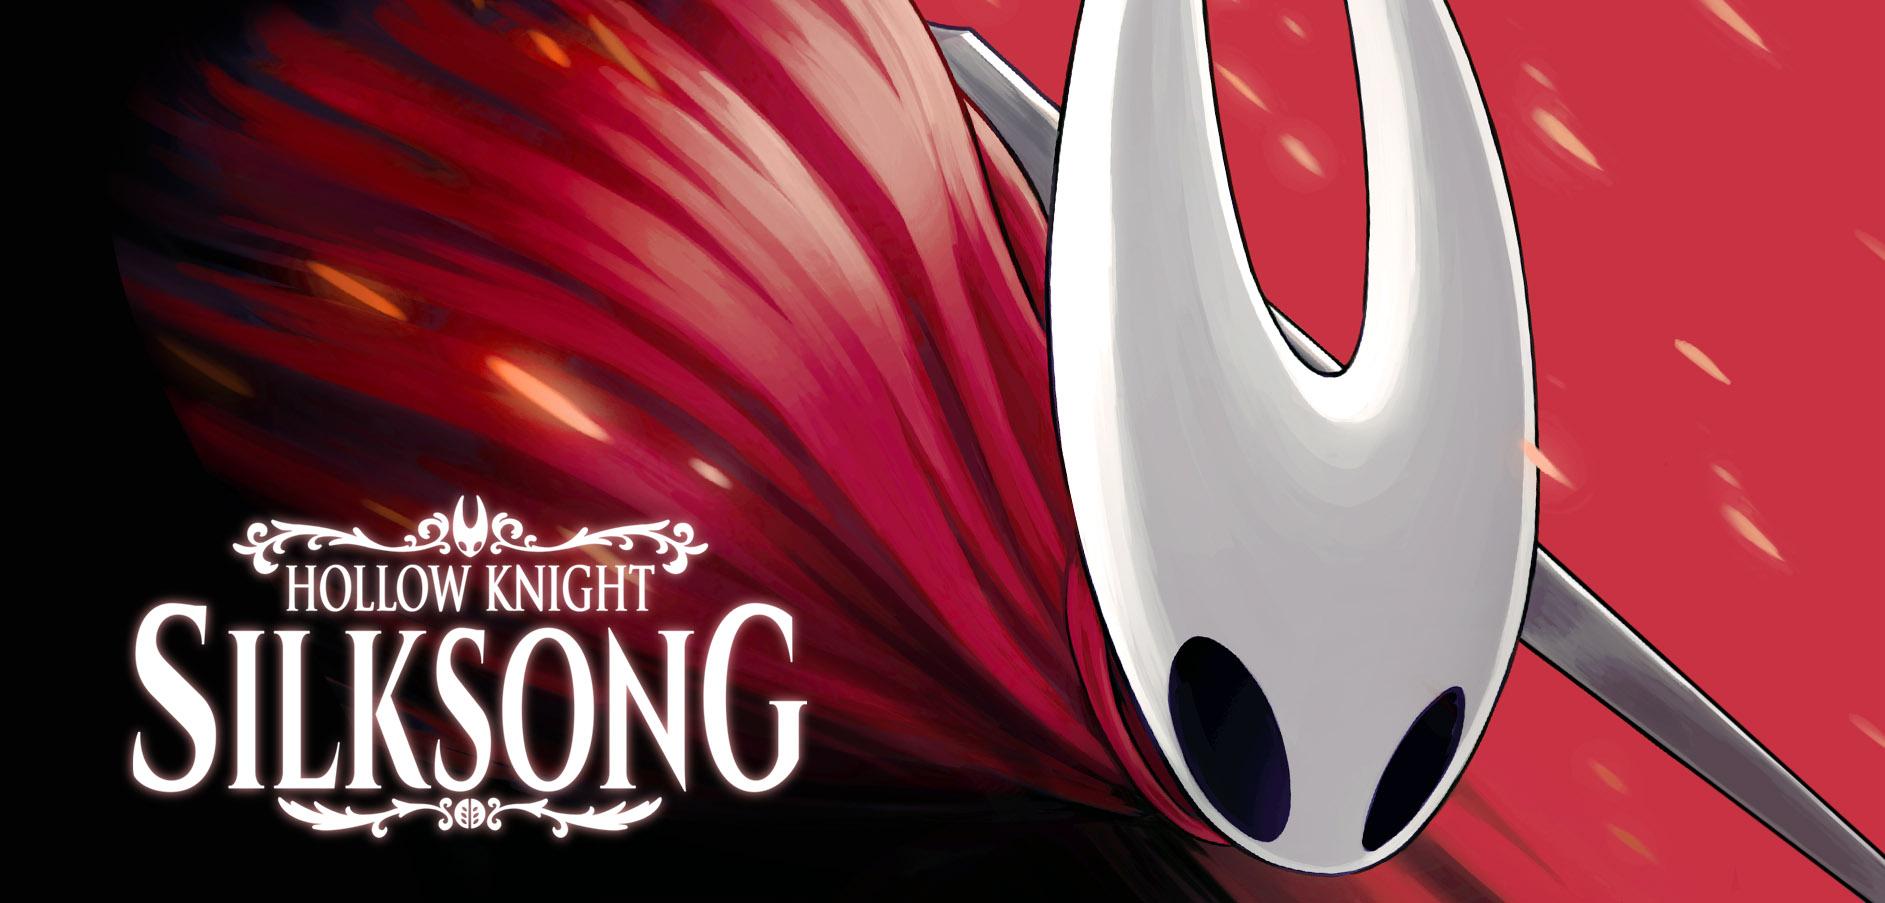 《空洞骑士:丝绸之歌》全新NPC曝光 高大的捕食者